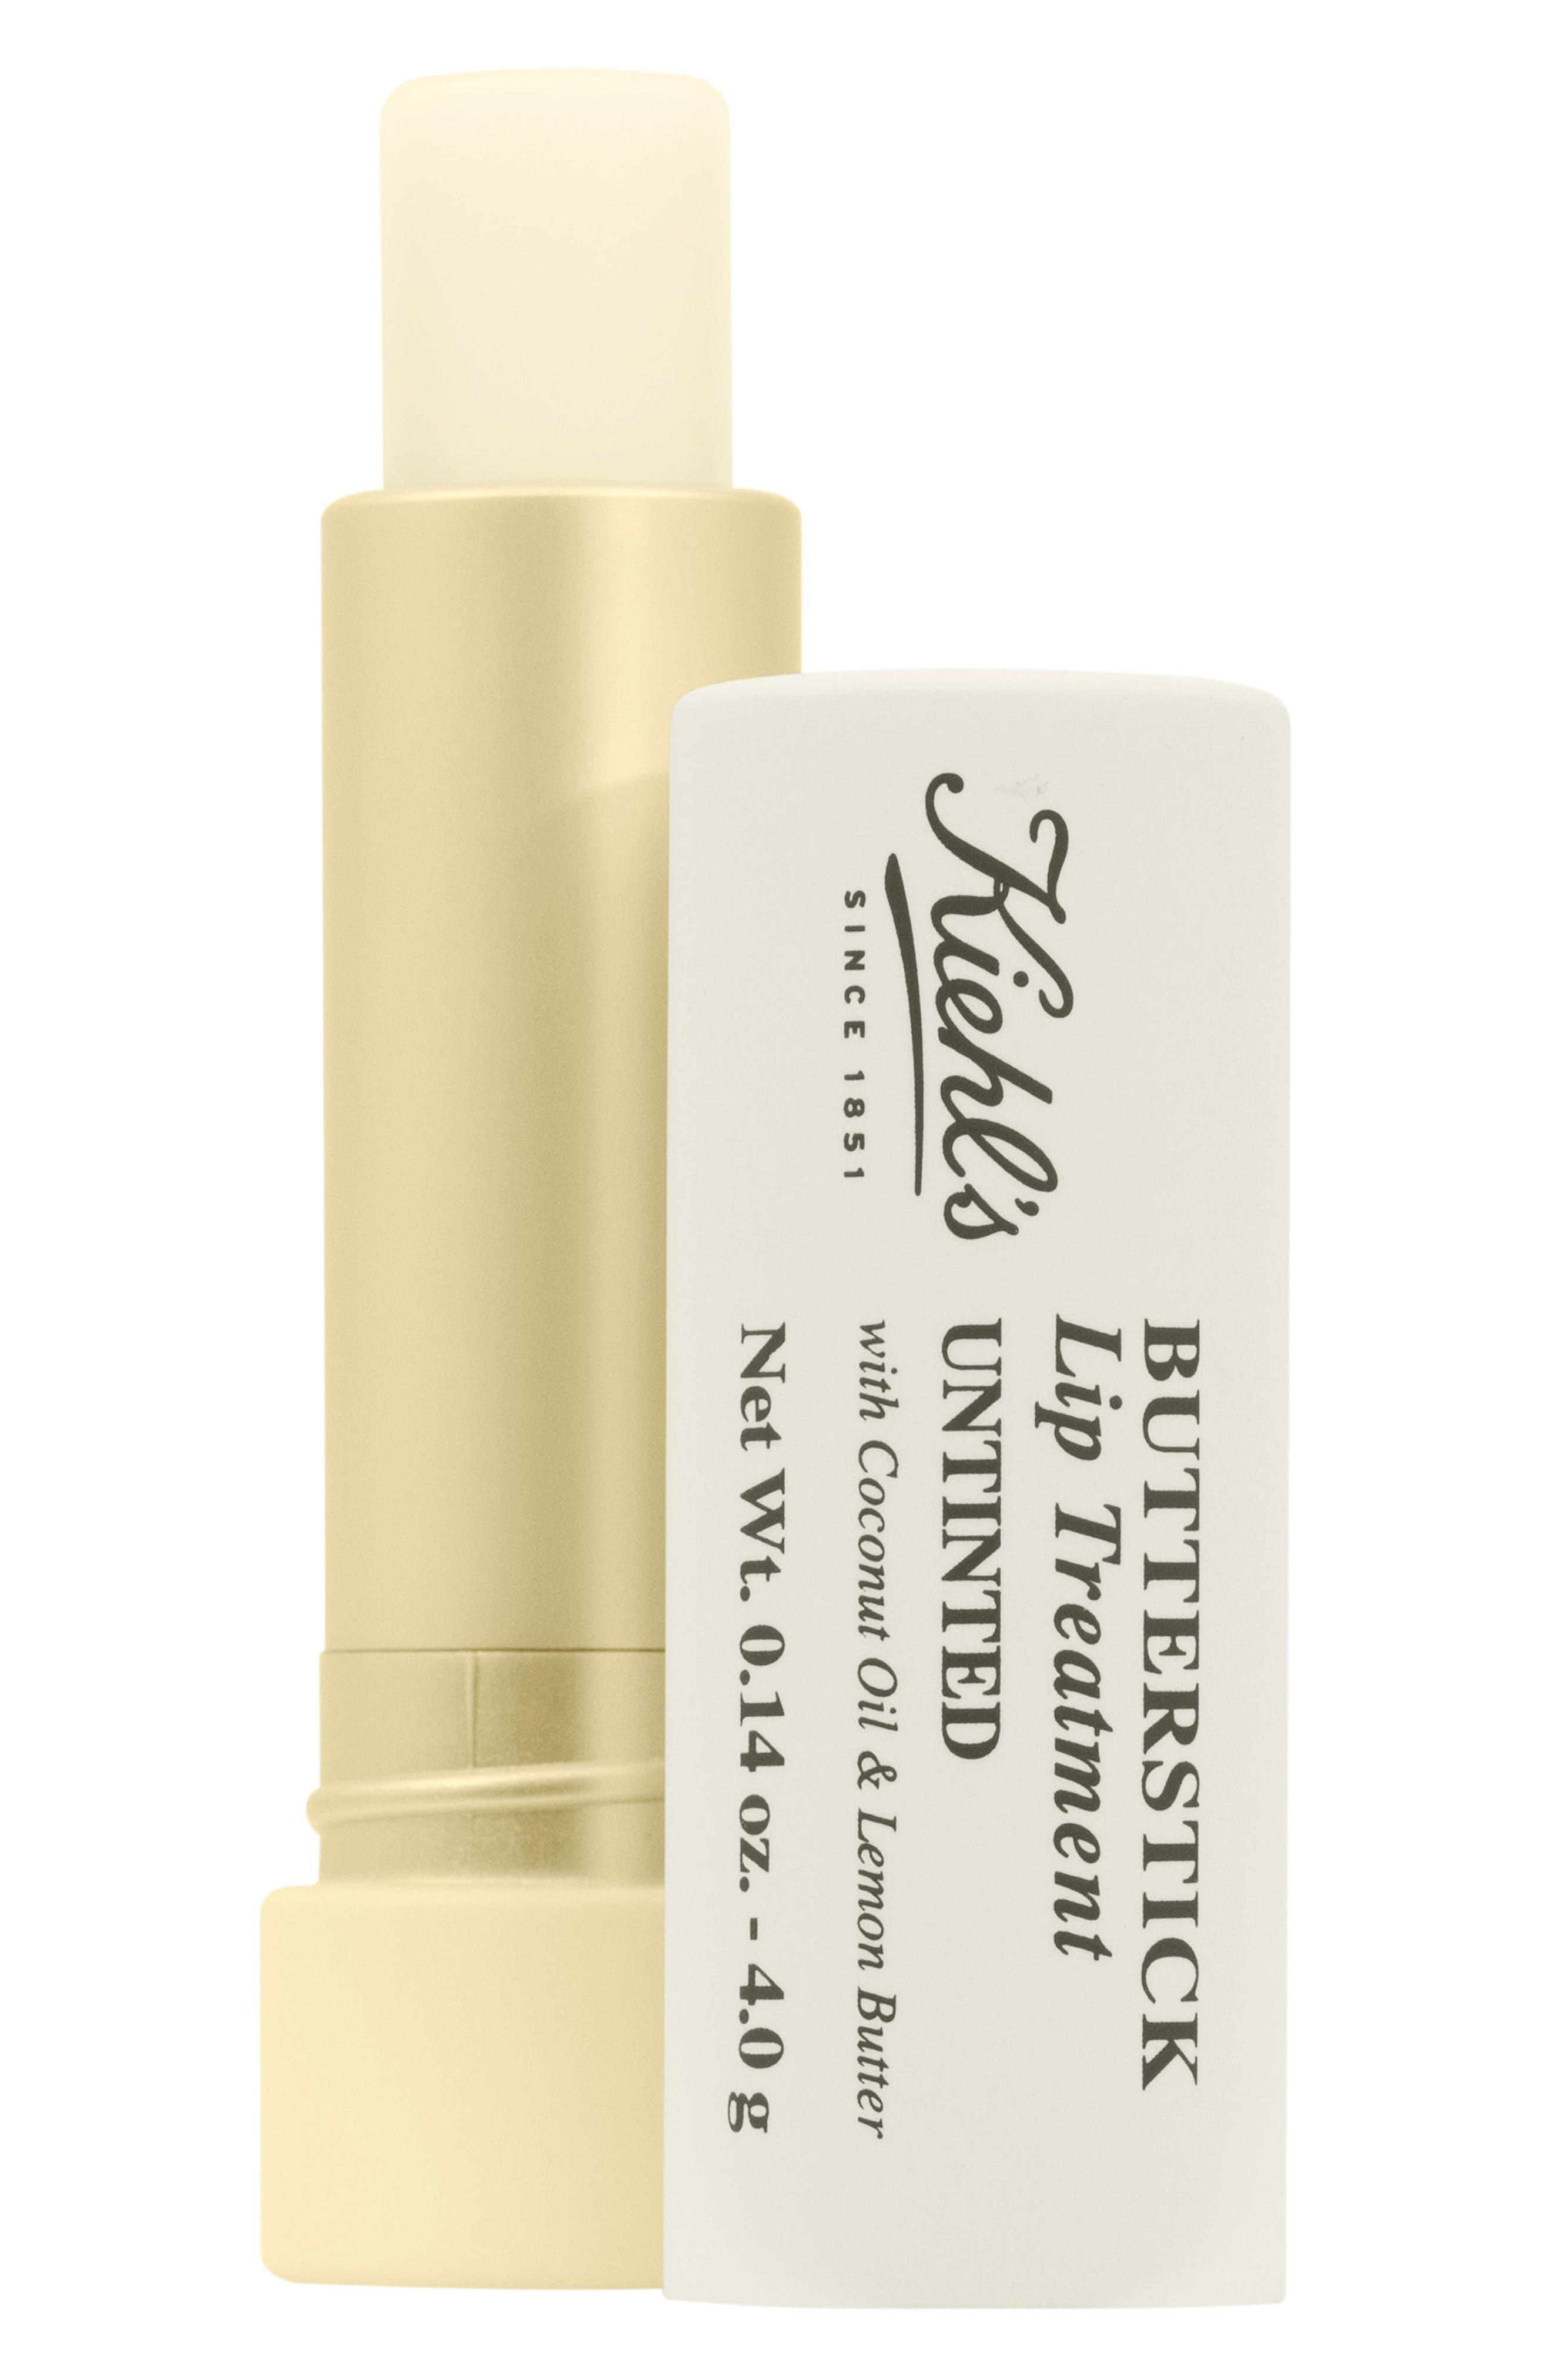 Butterstick Lip Treatment,                             Main thumbnail 1, color,                             No Color